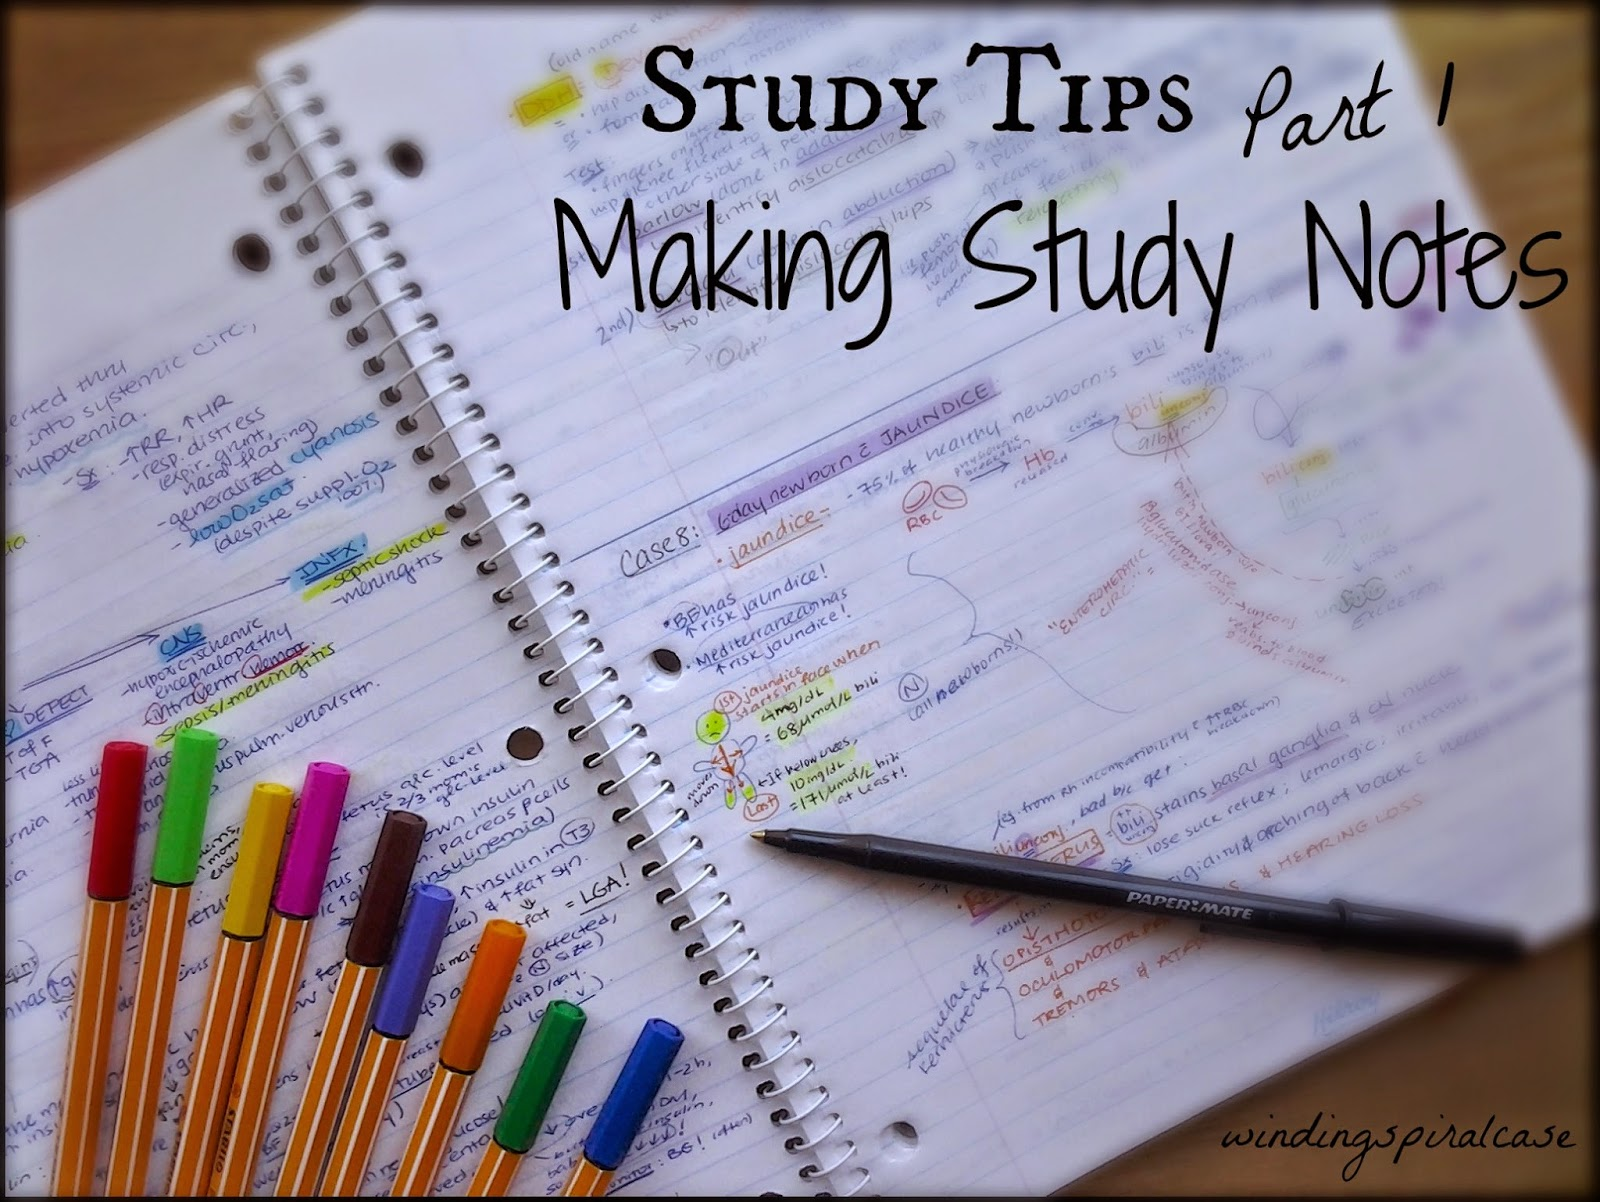 Study to studies